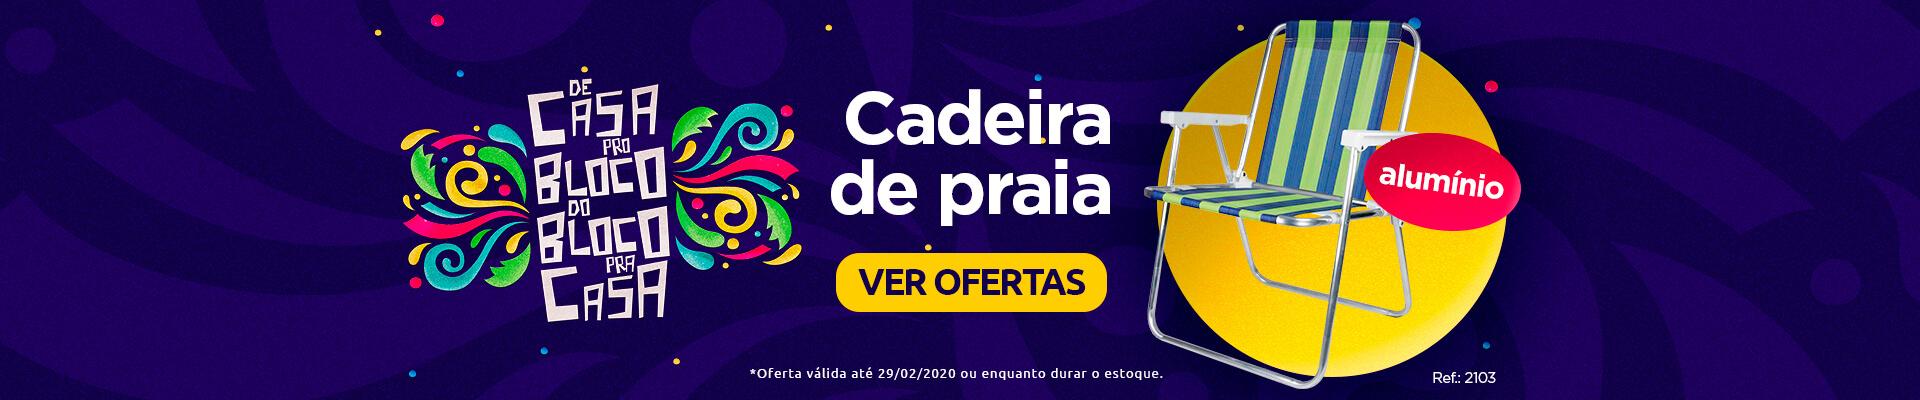 Carnaval de Ofertas - Cadeira